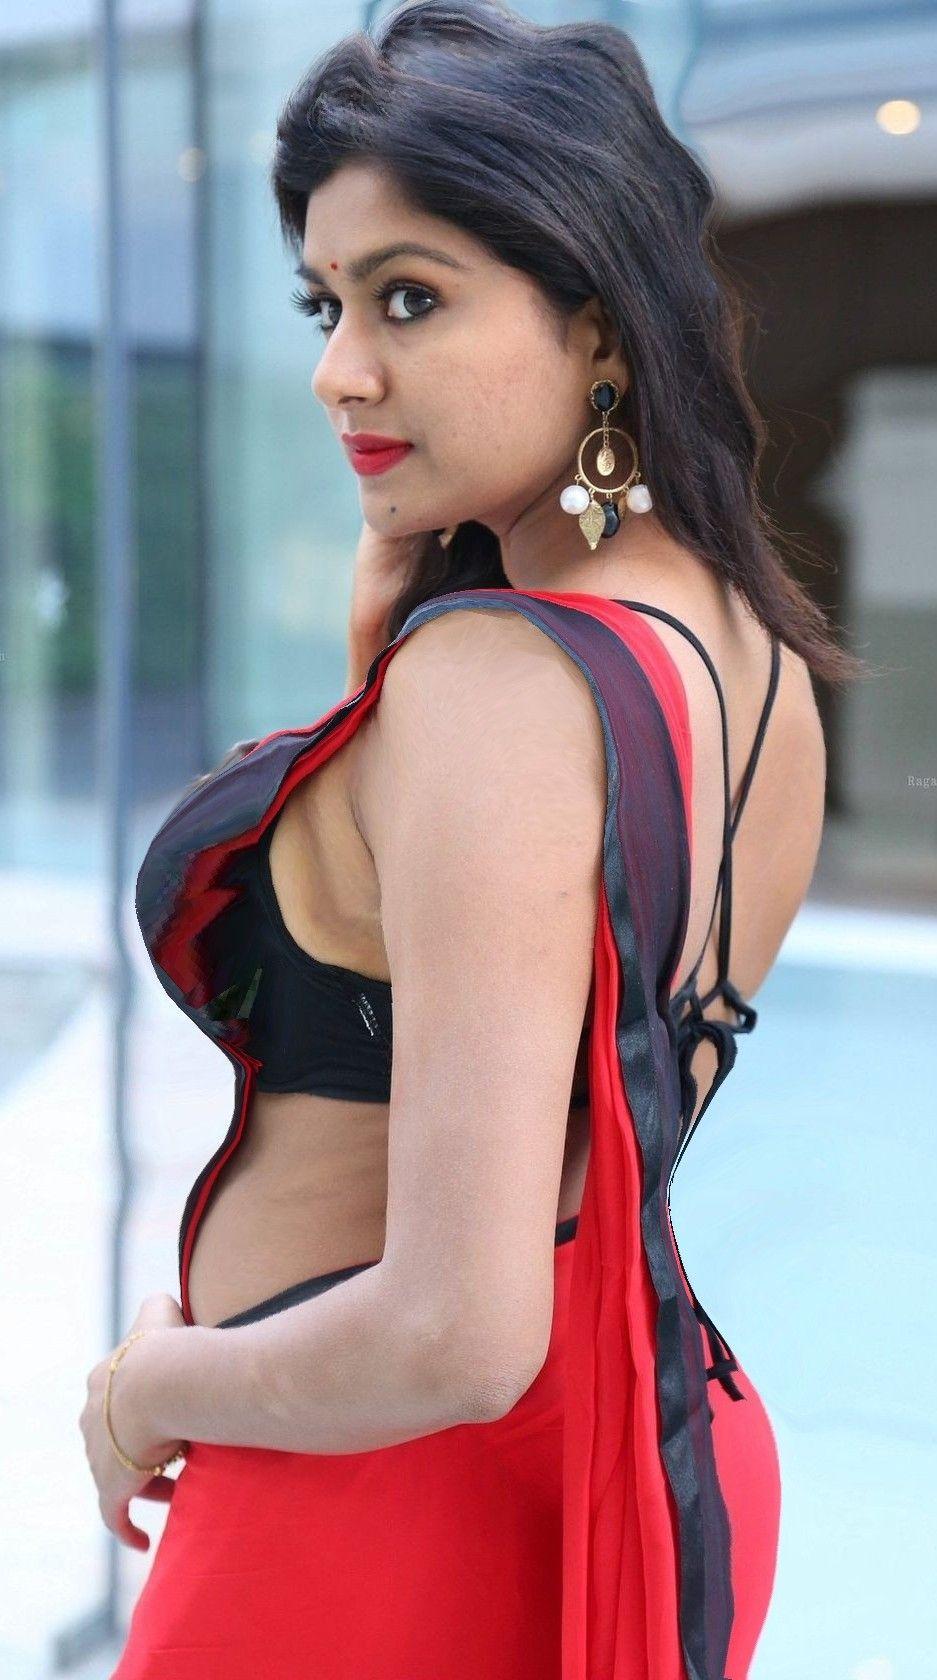 Hot Sexy Saree Sareedesign Woman Girl